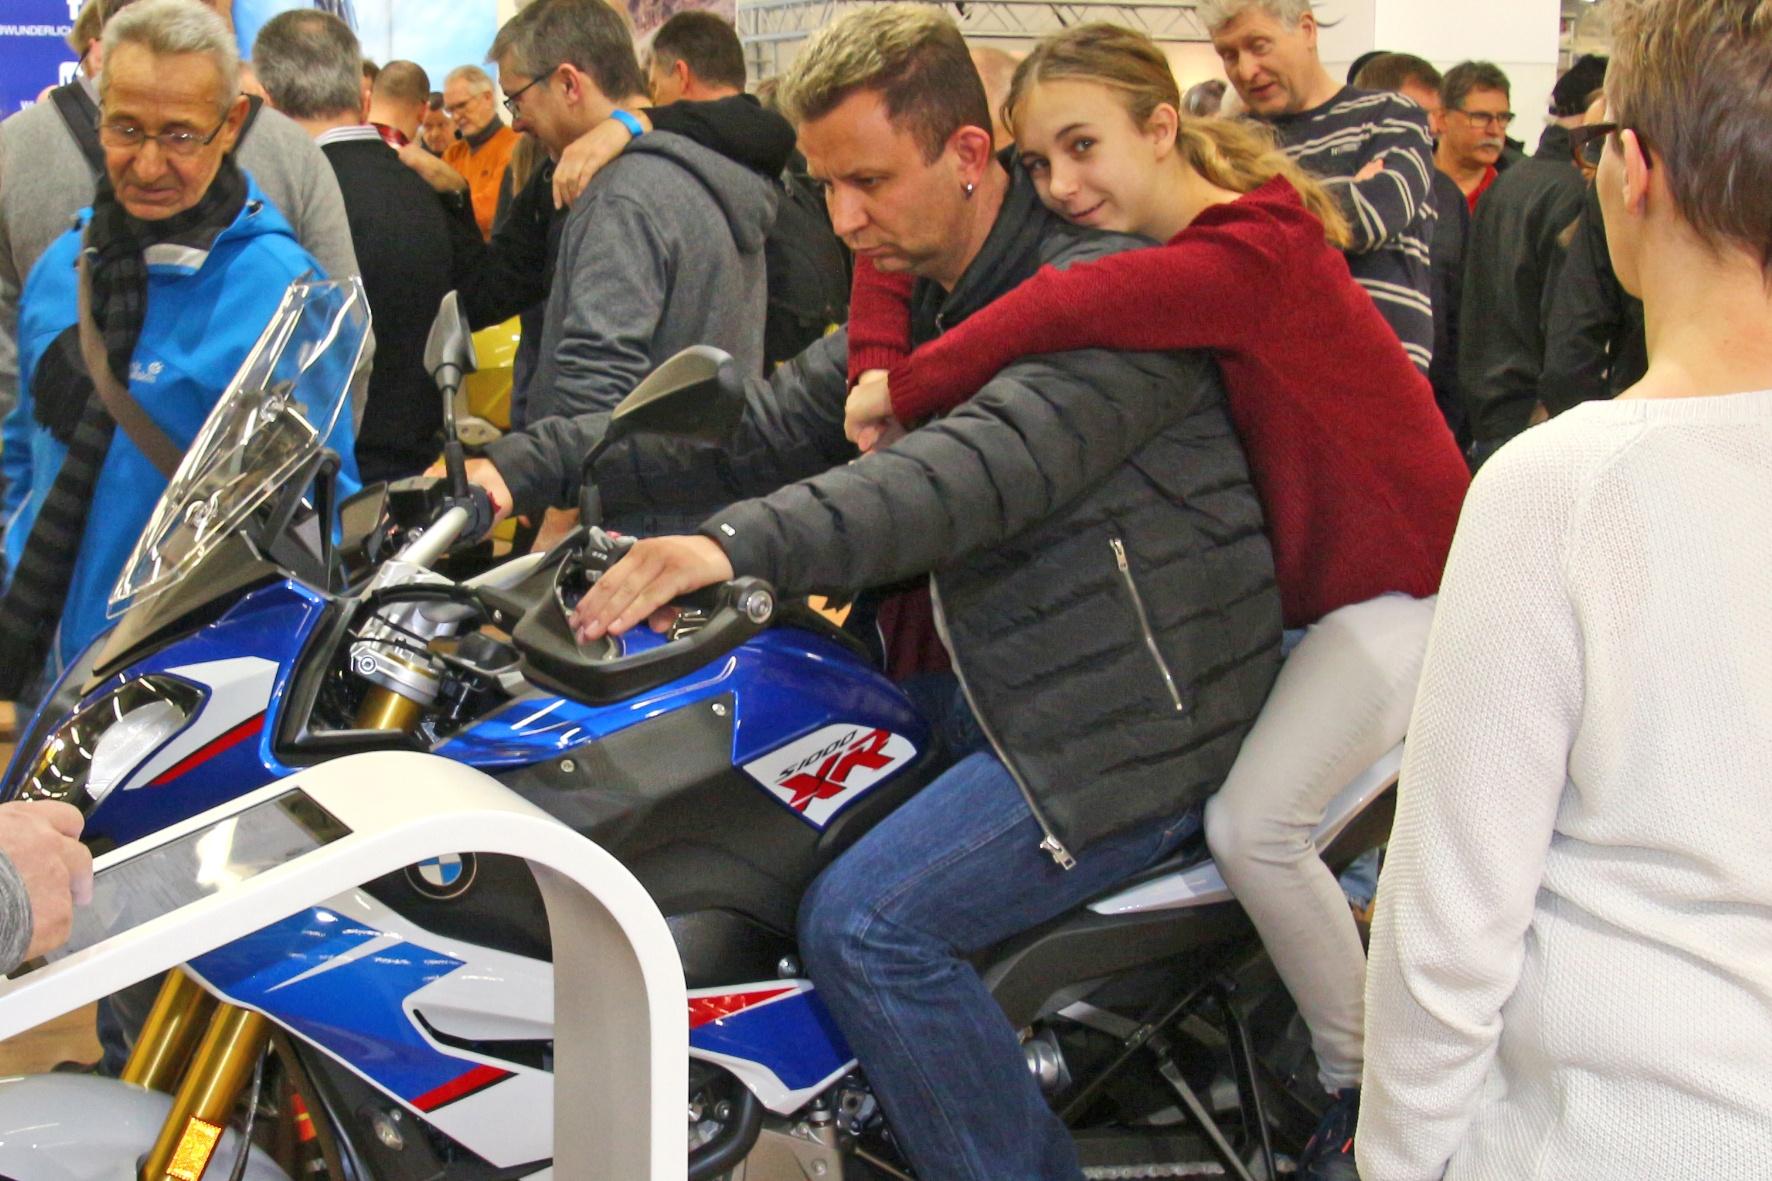 Vorschau: Motorradmessen 2019